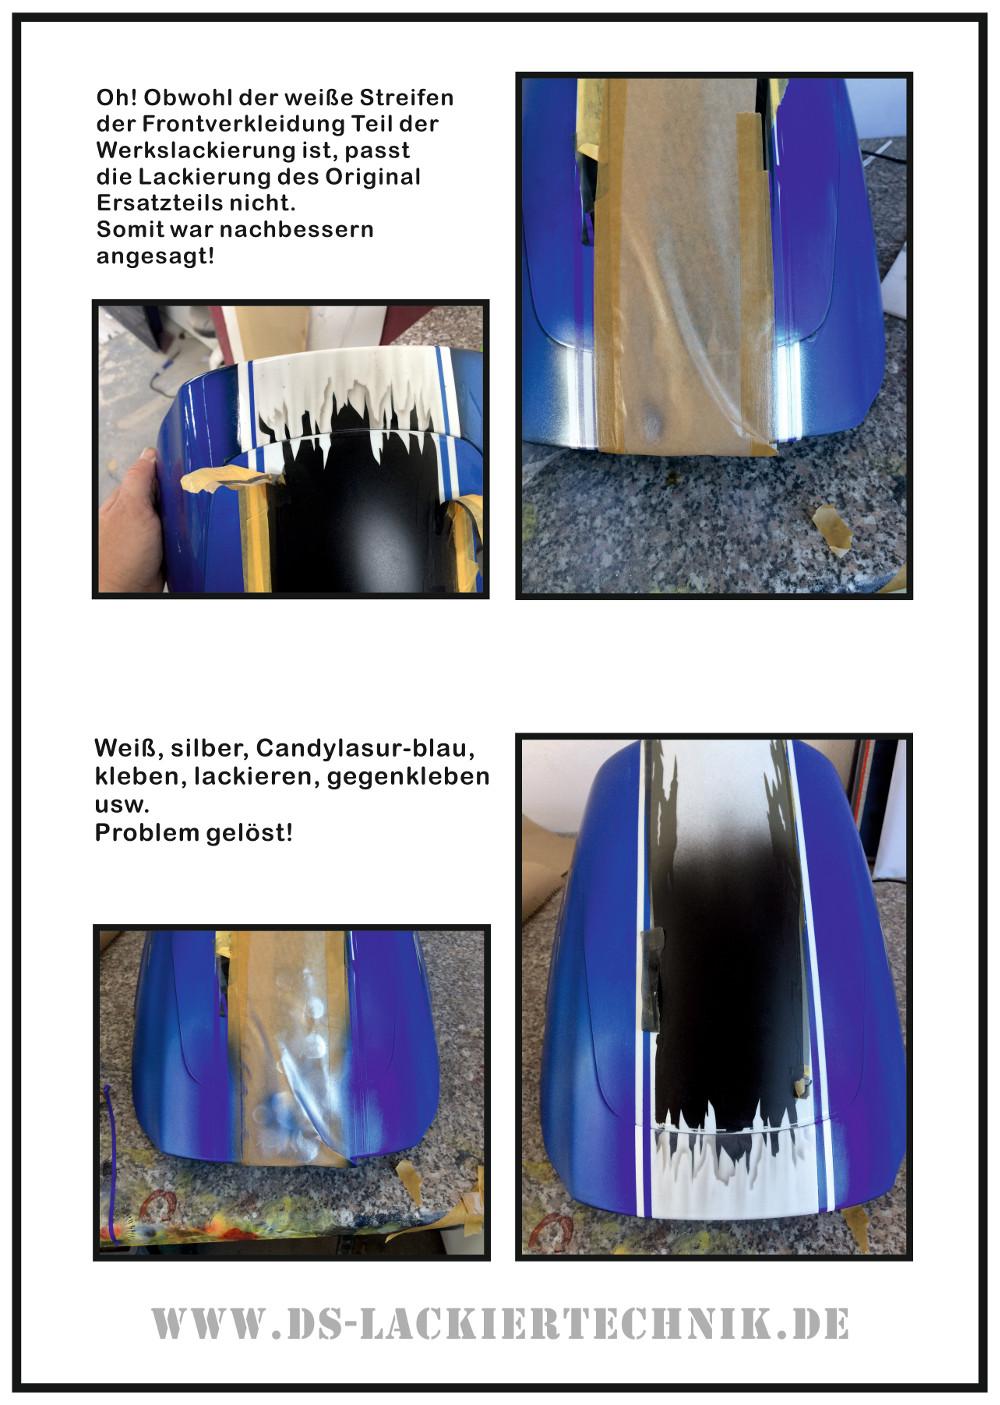 Motorrad Airbrush! Unfallschaden, Airbrush komplett erneuert 7 Motorrad Airbrush